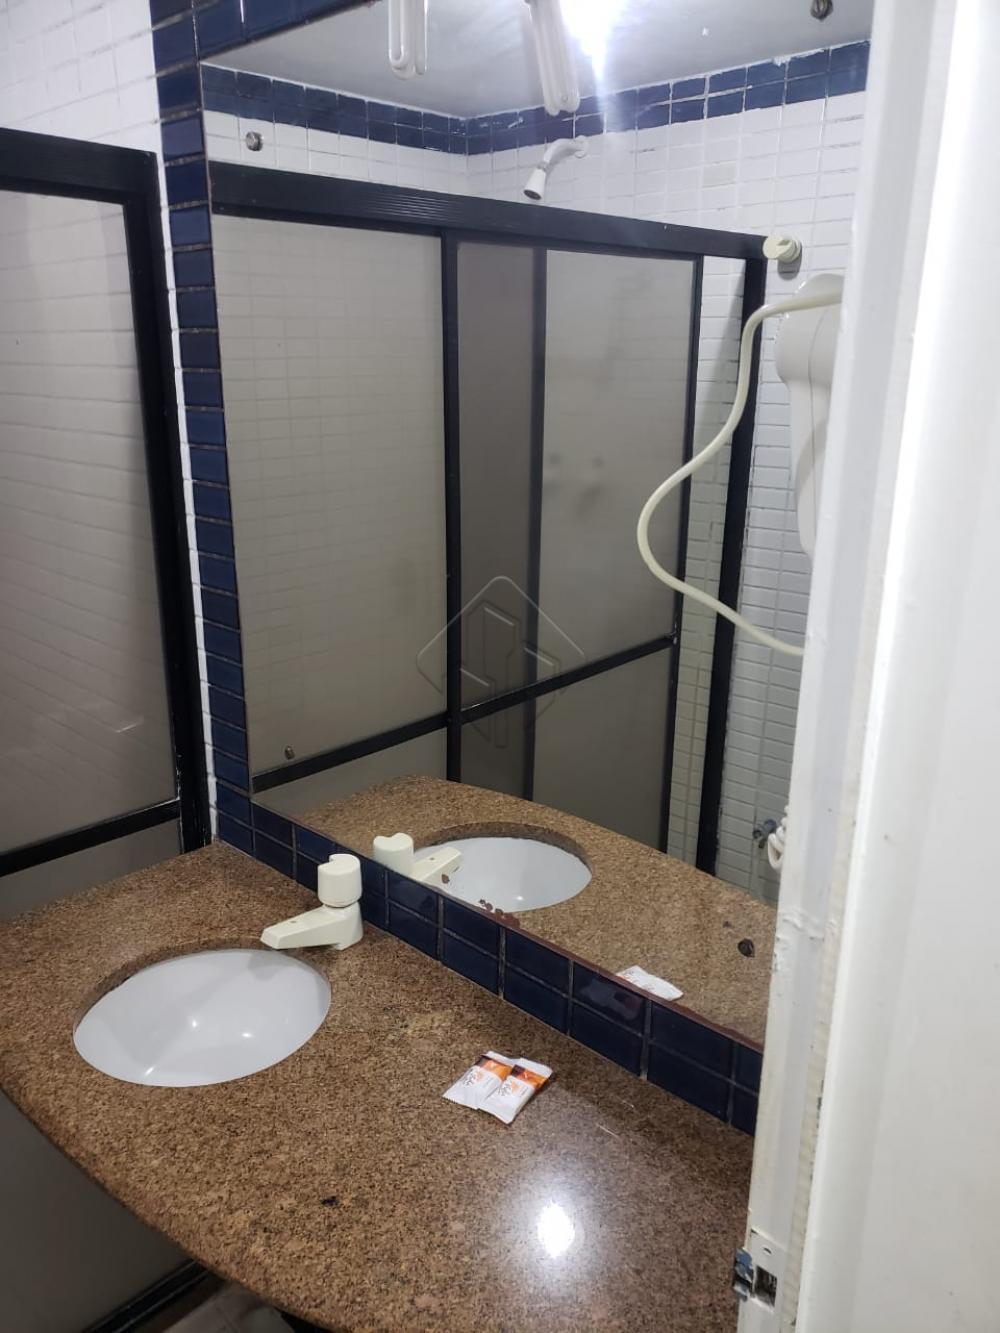 Flat com 3 camas, sendo 1 de casal e 2 de solteiro; Cozinha americana com frigobar, microondas, liquidificador, sanduicheira, pratos, copos e talheres. Banheiro com secador.